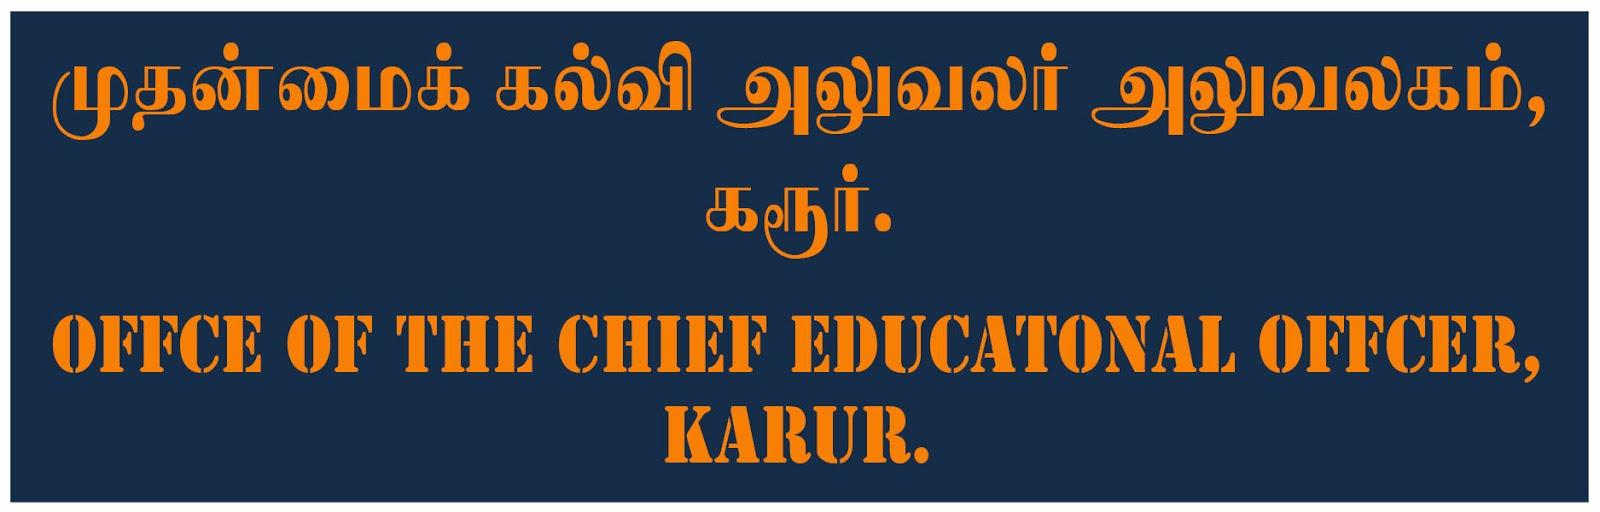 முதன்மைக் கல்வி அலுவலர் அலுவலகம்,கரூர்